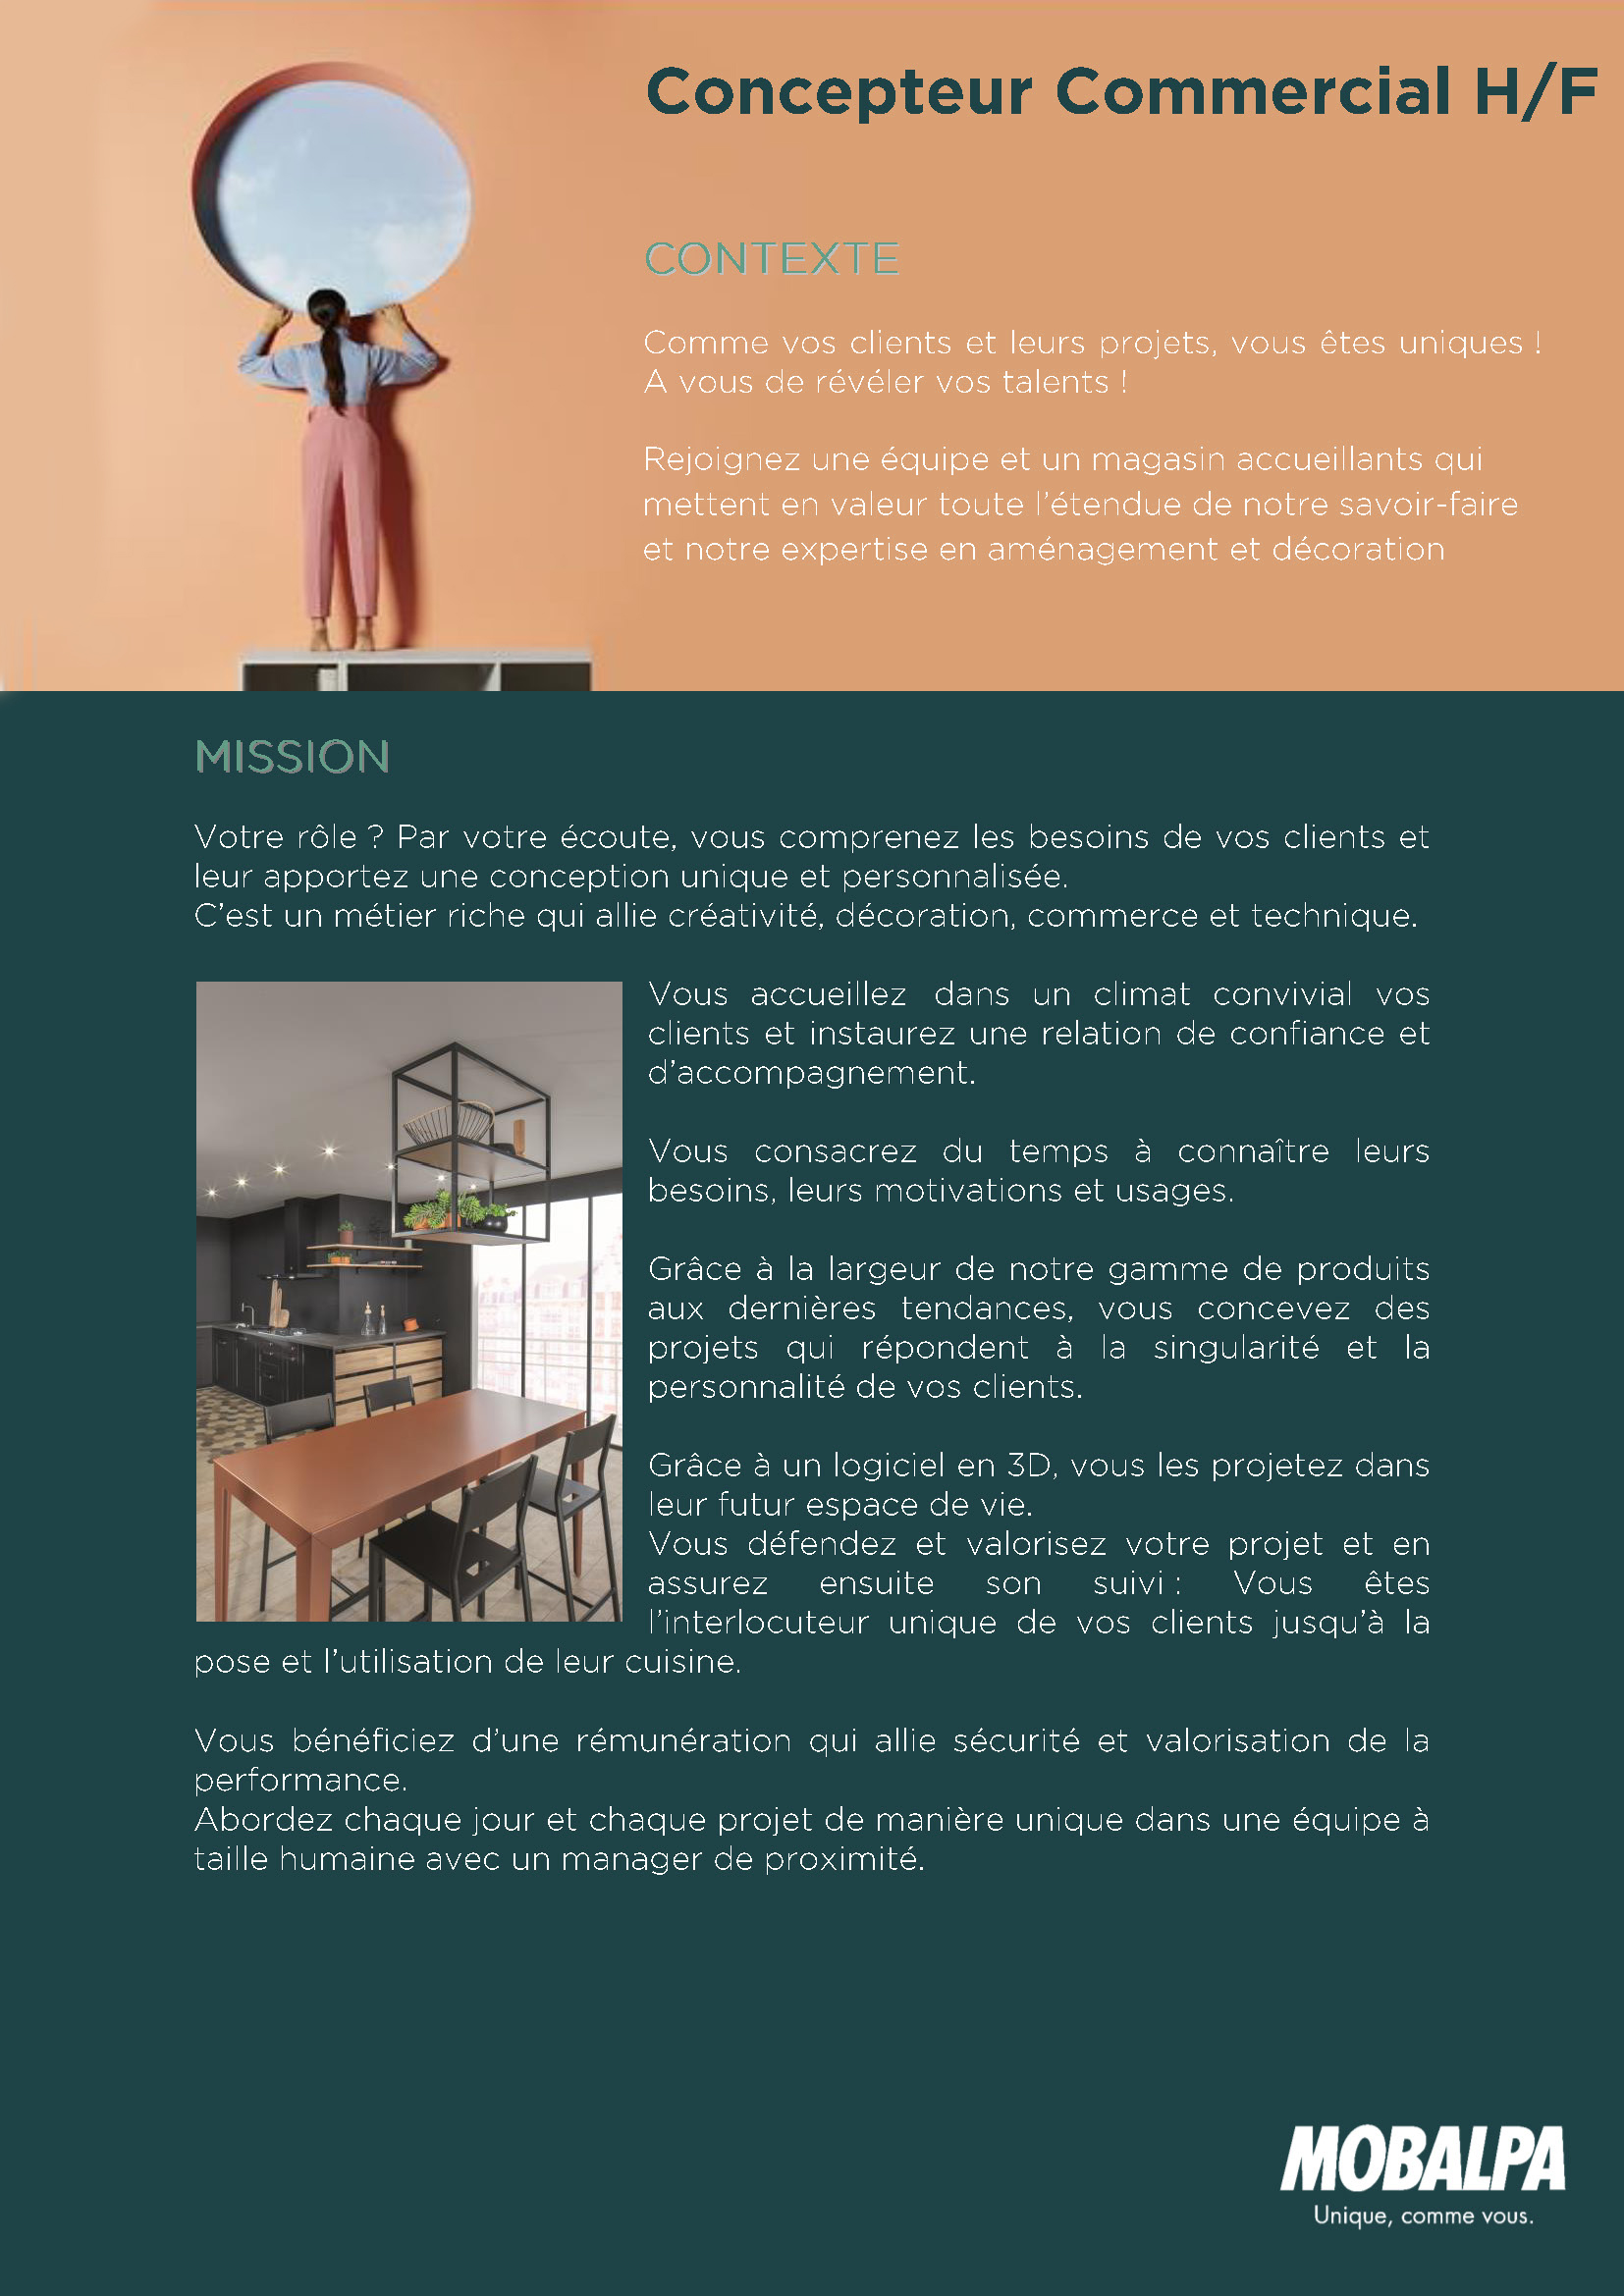 annonce_concepteur_commercial_h-f_2019_Page_1